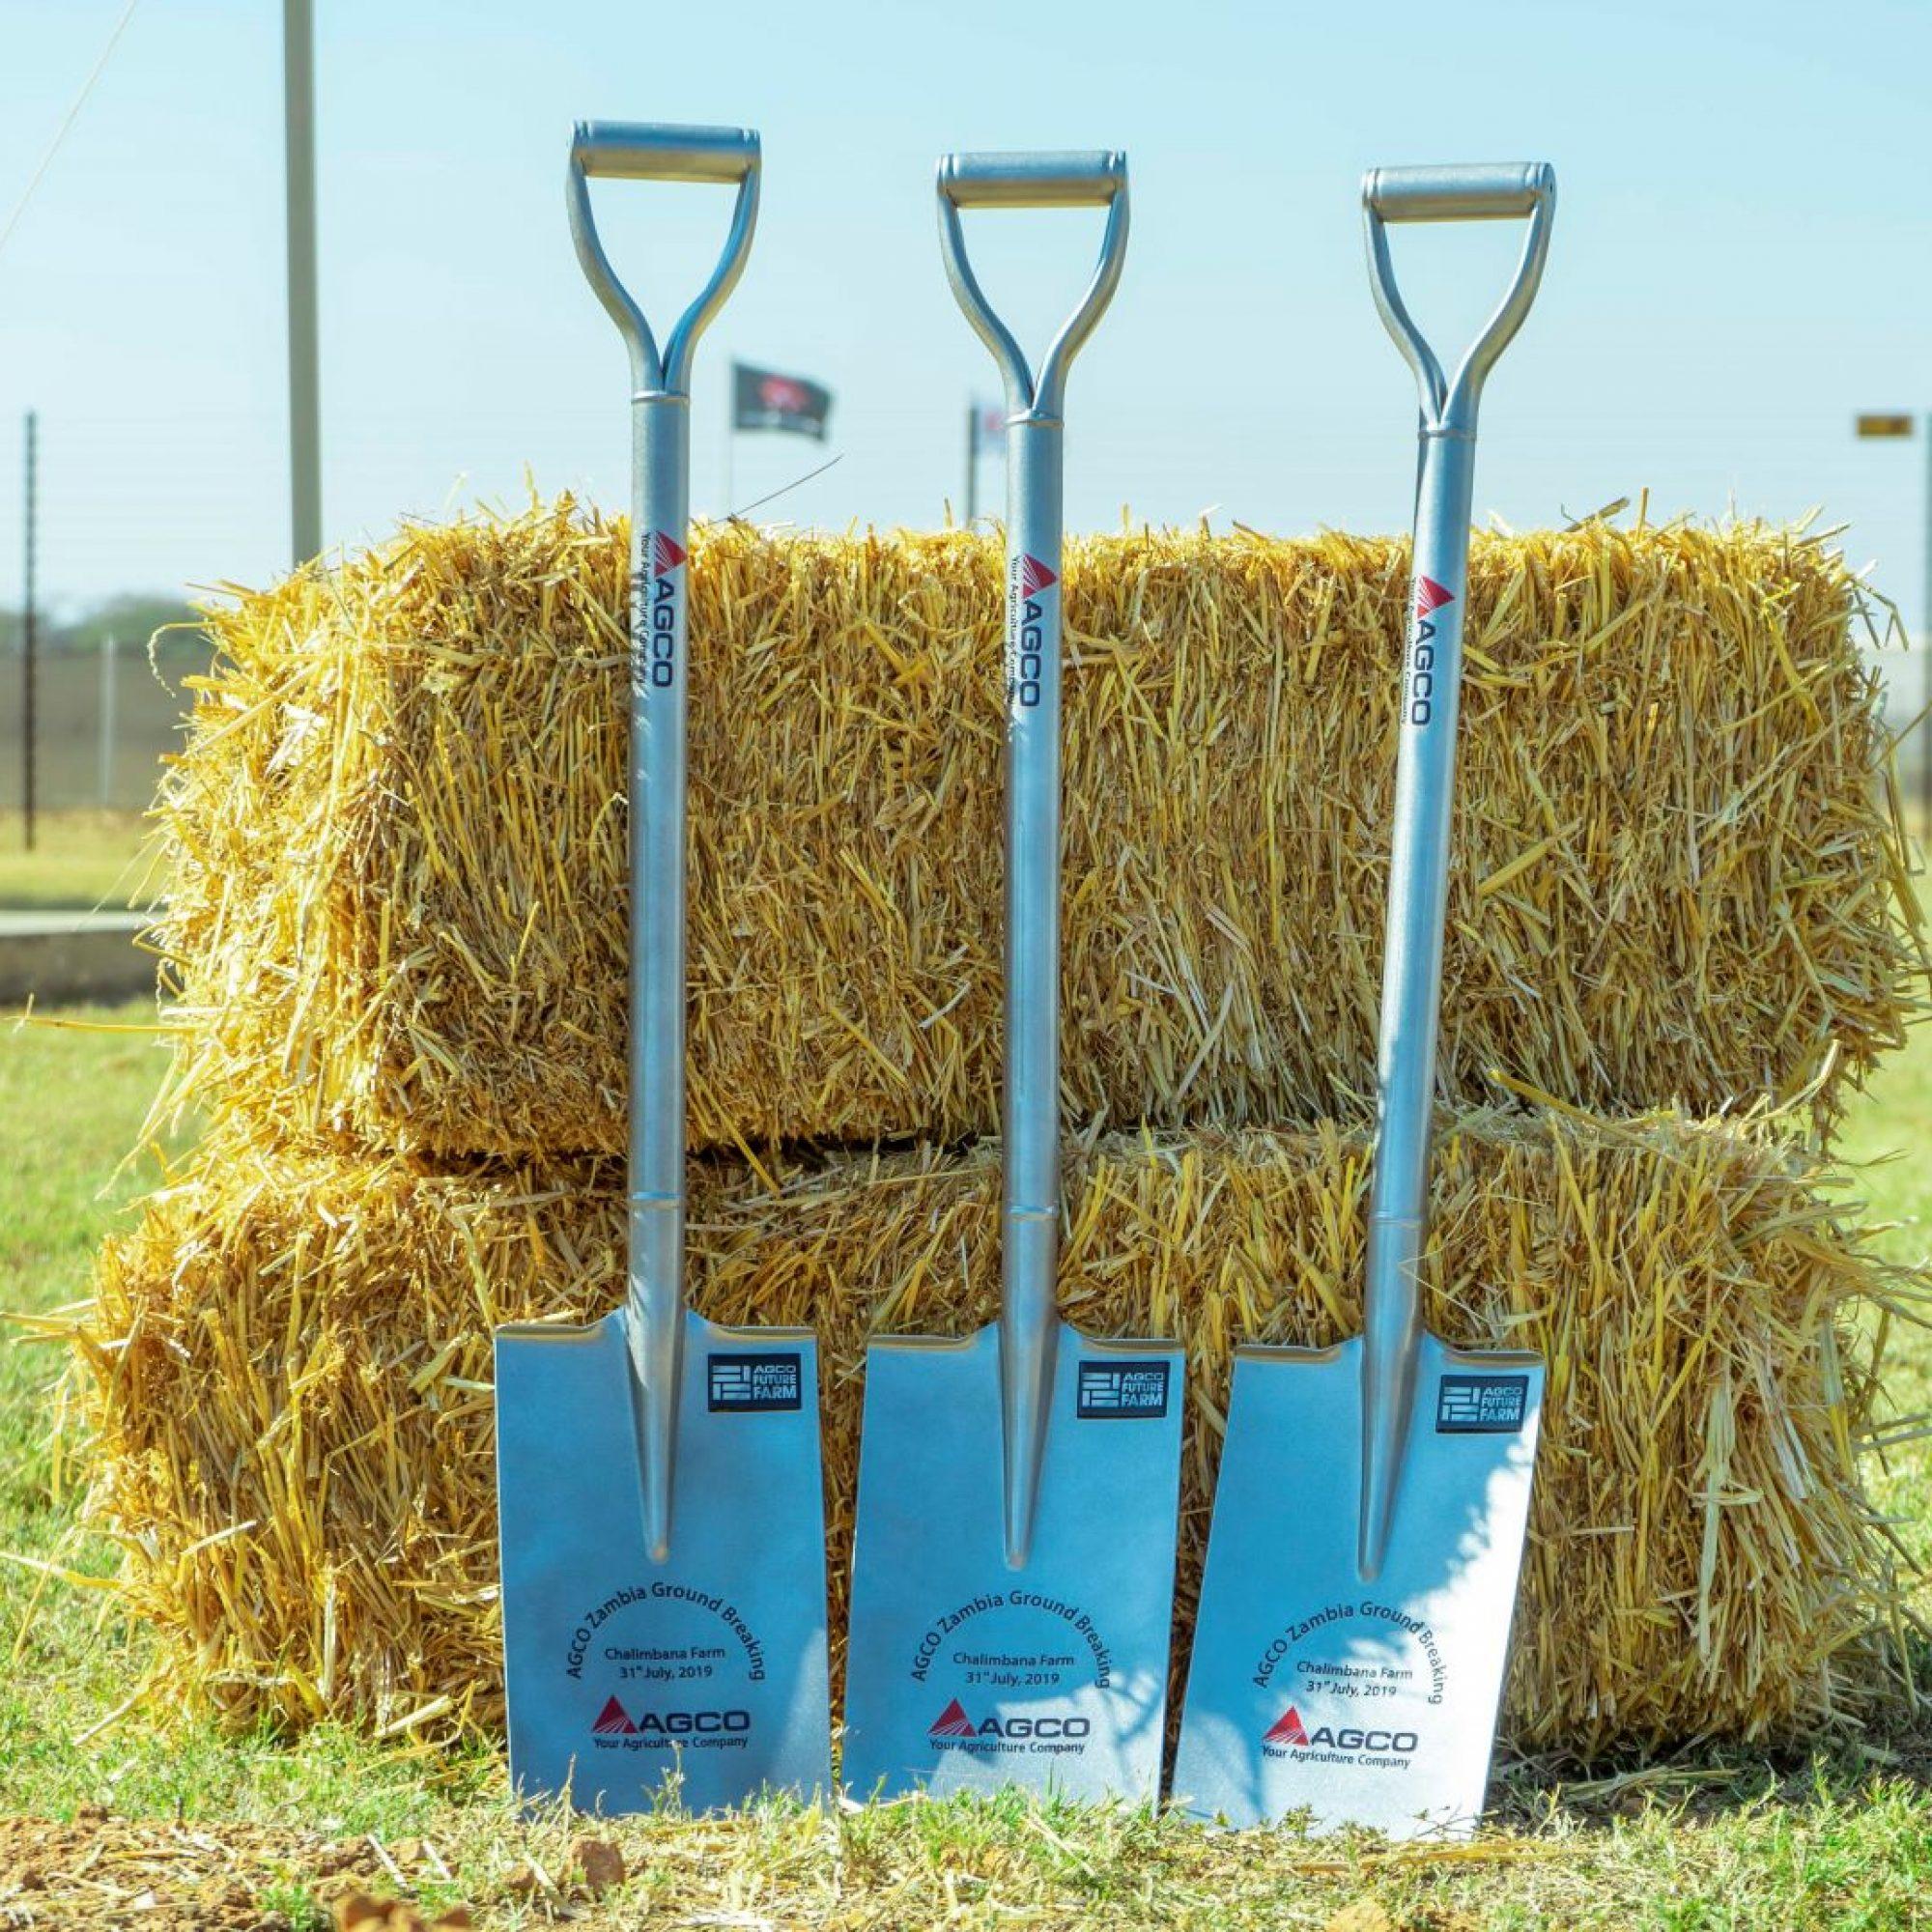 AGCO Future Farm Phase II ground breaking